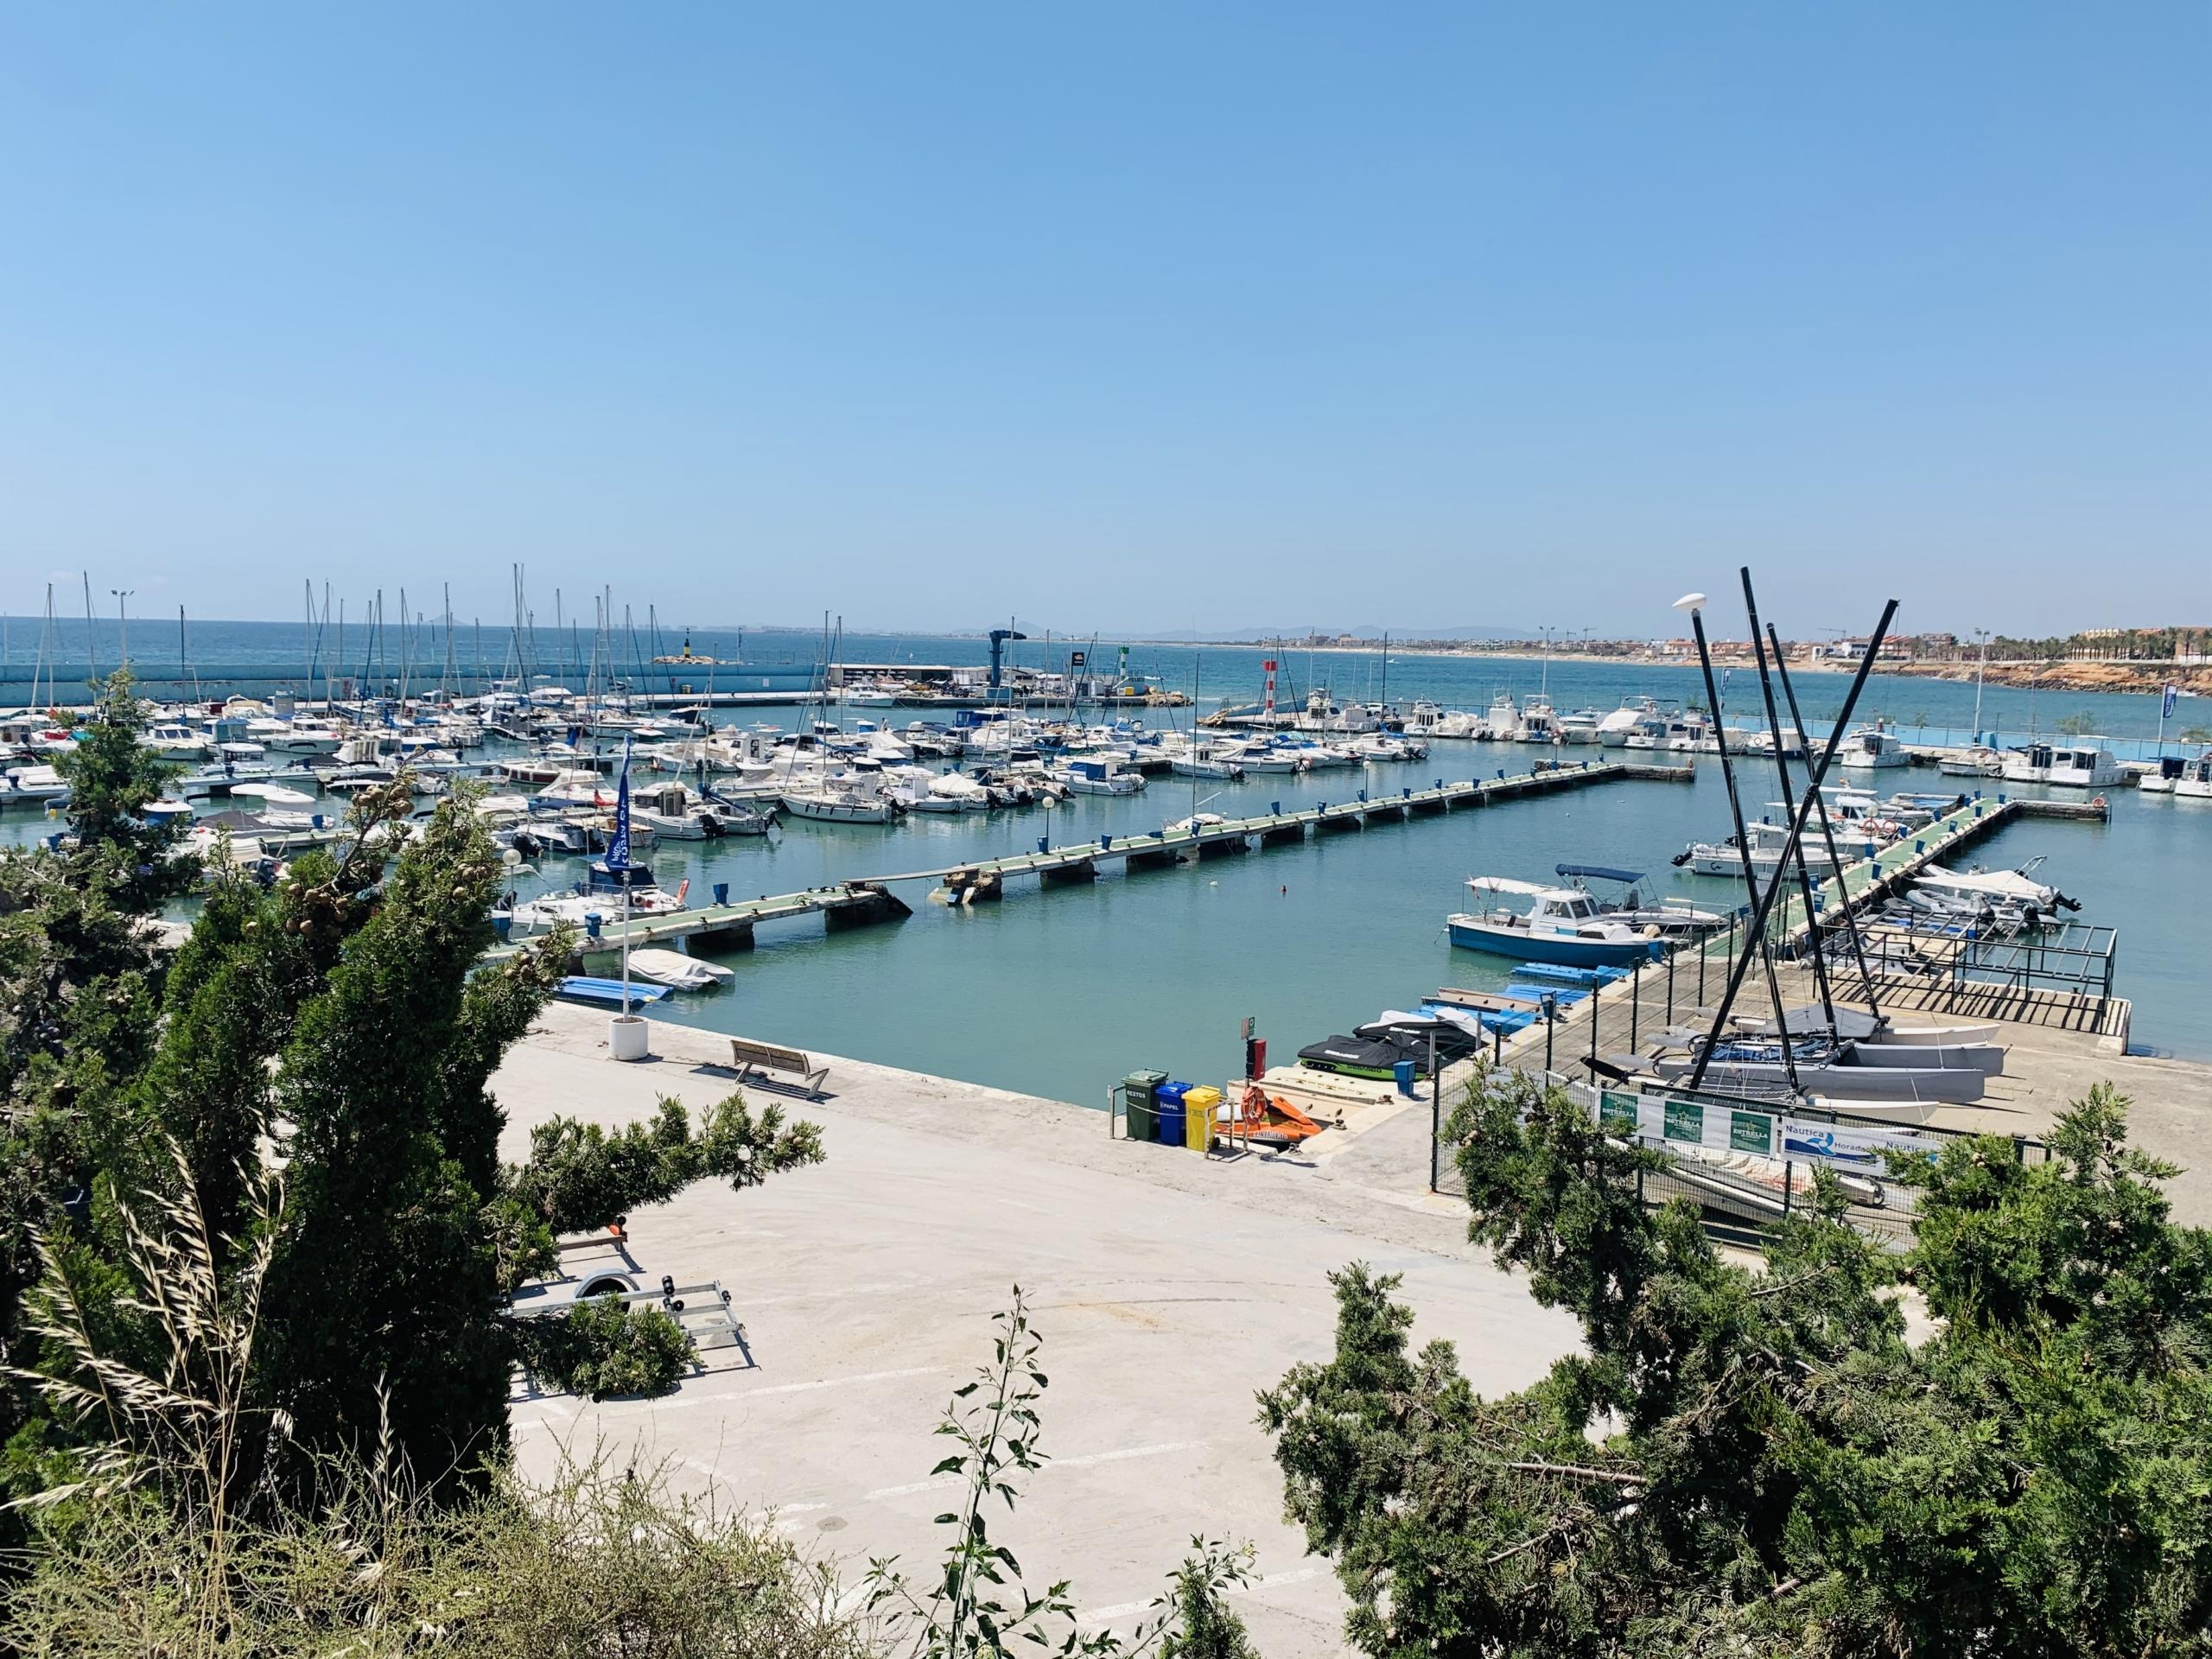 image Achat d'un nouveau bateau en Espagne